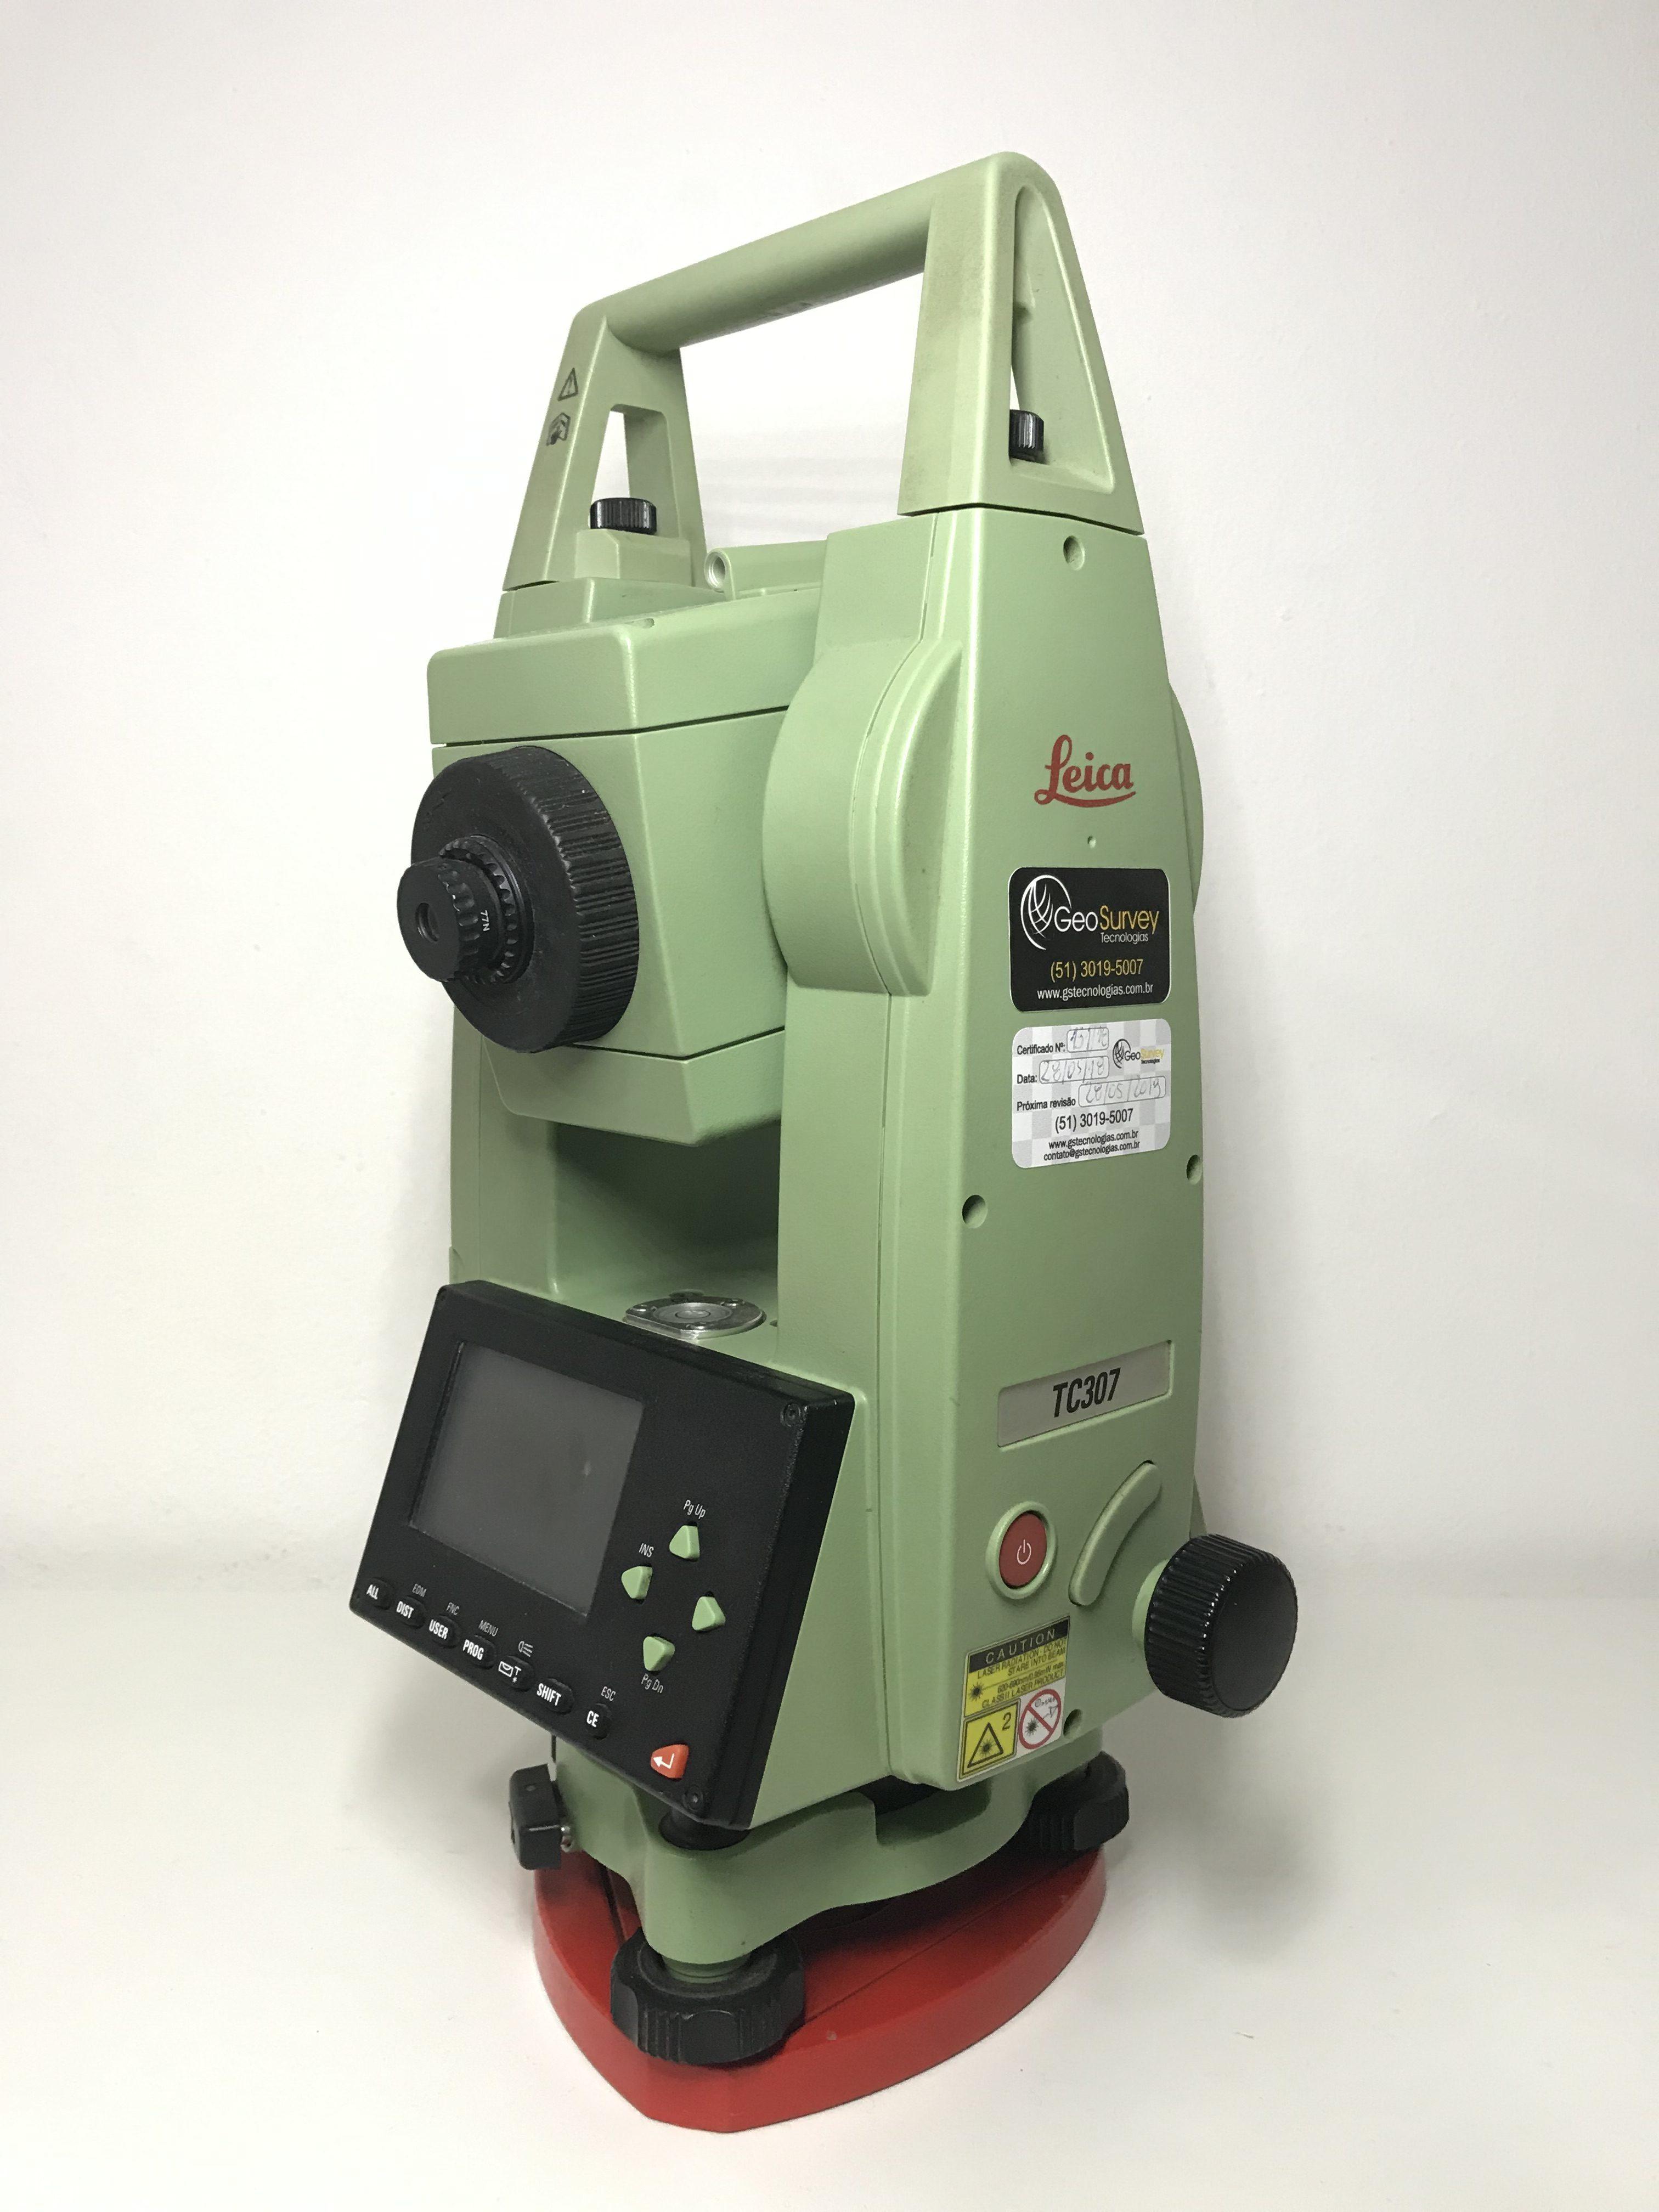 Estação Total Leica TC307 – R$ 10.900,00